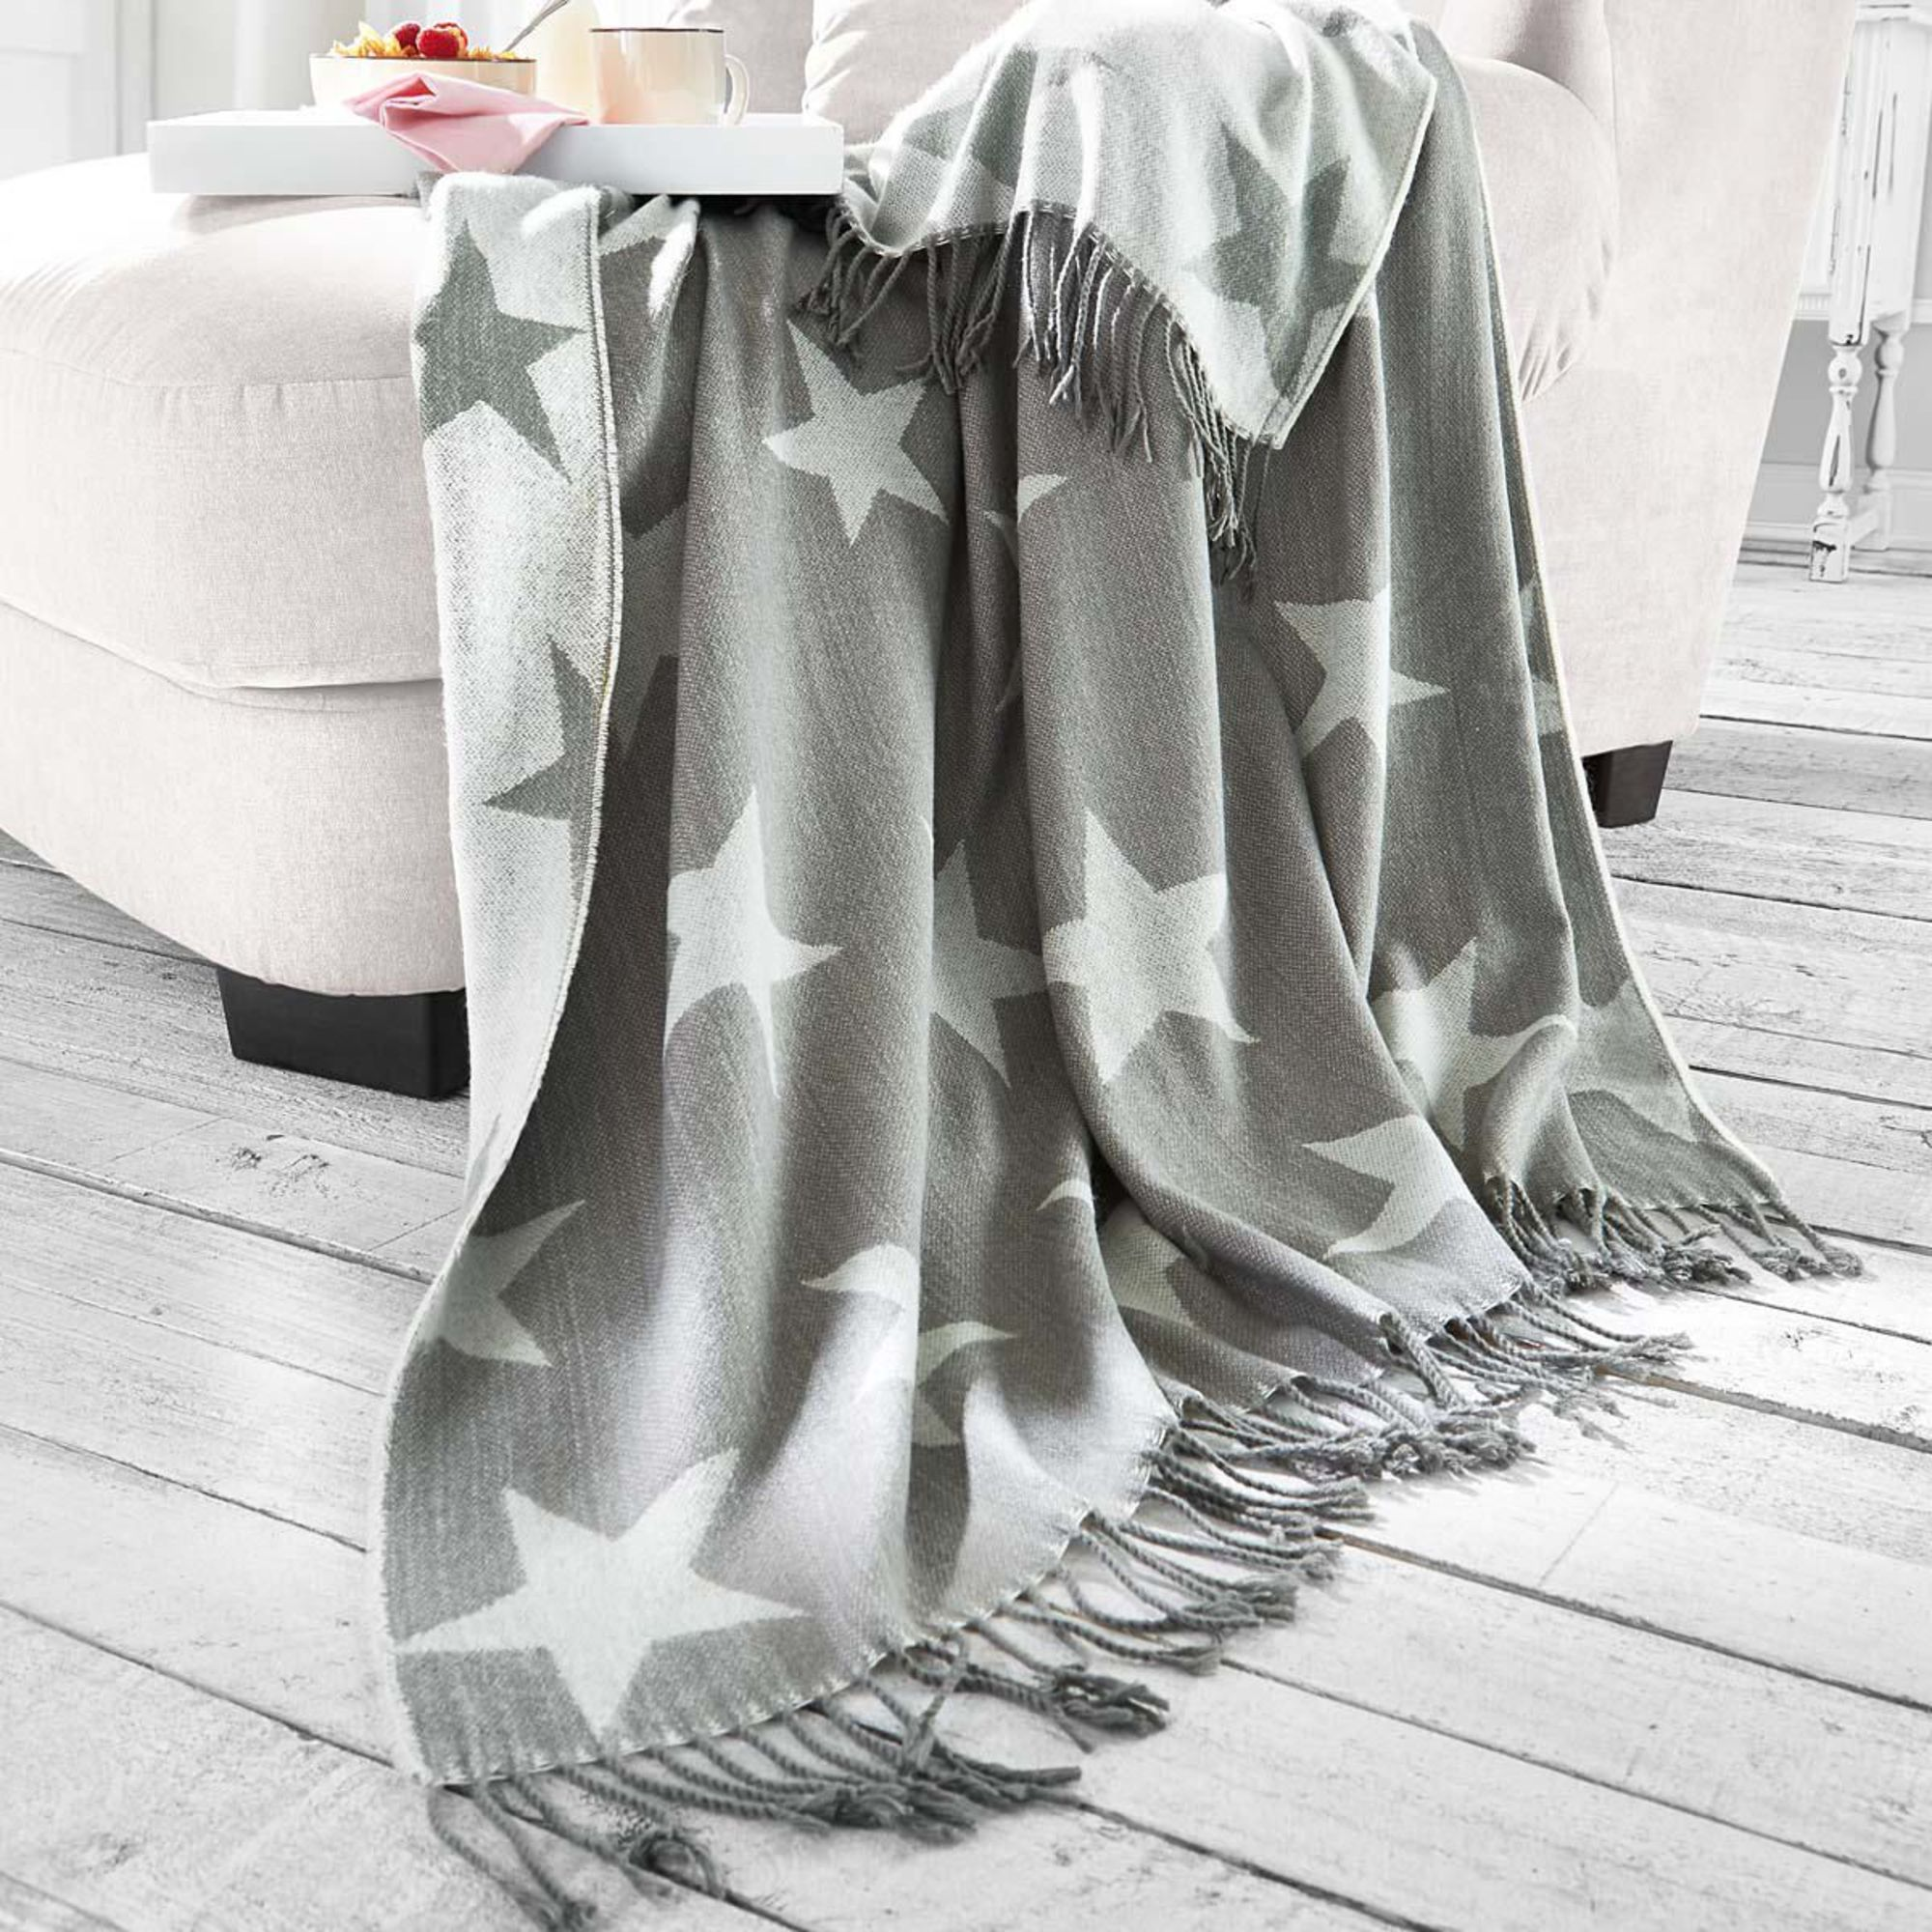 wohndecke sterne grau kuscheldecke wohnzimmerdecke stoffdecke couch decke ebay. Black Bedroom Furniture Sets. Home Design Ideas